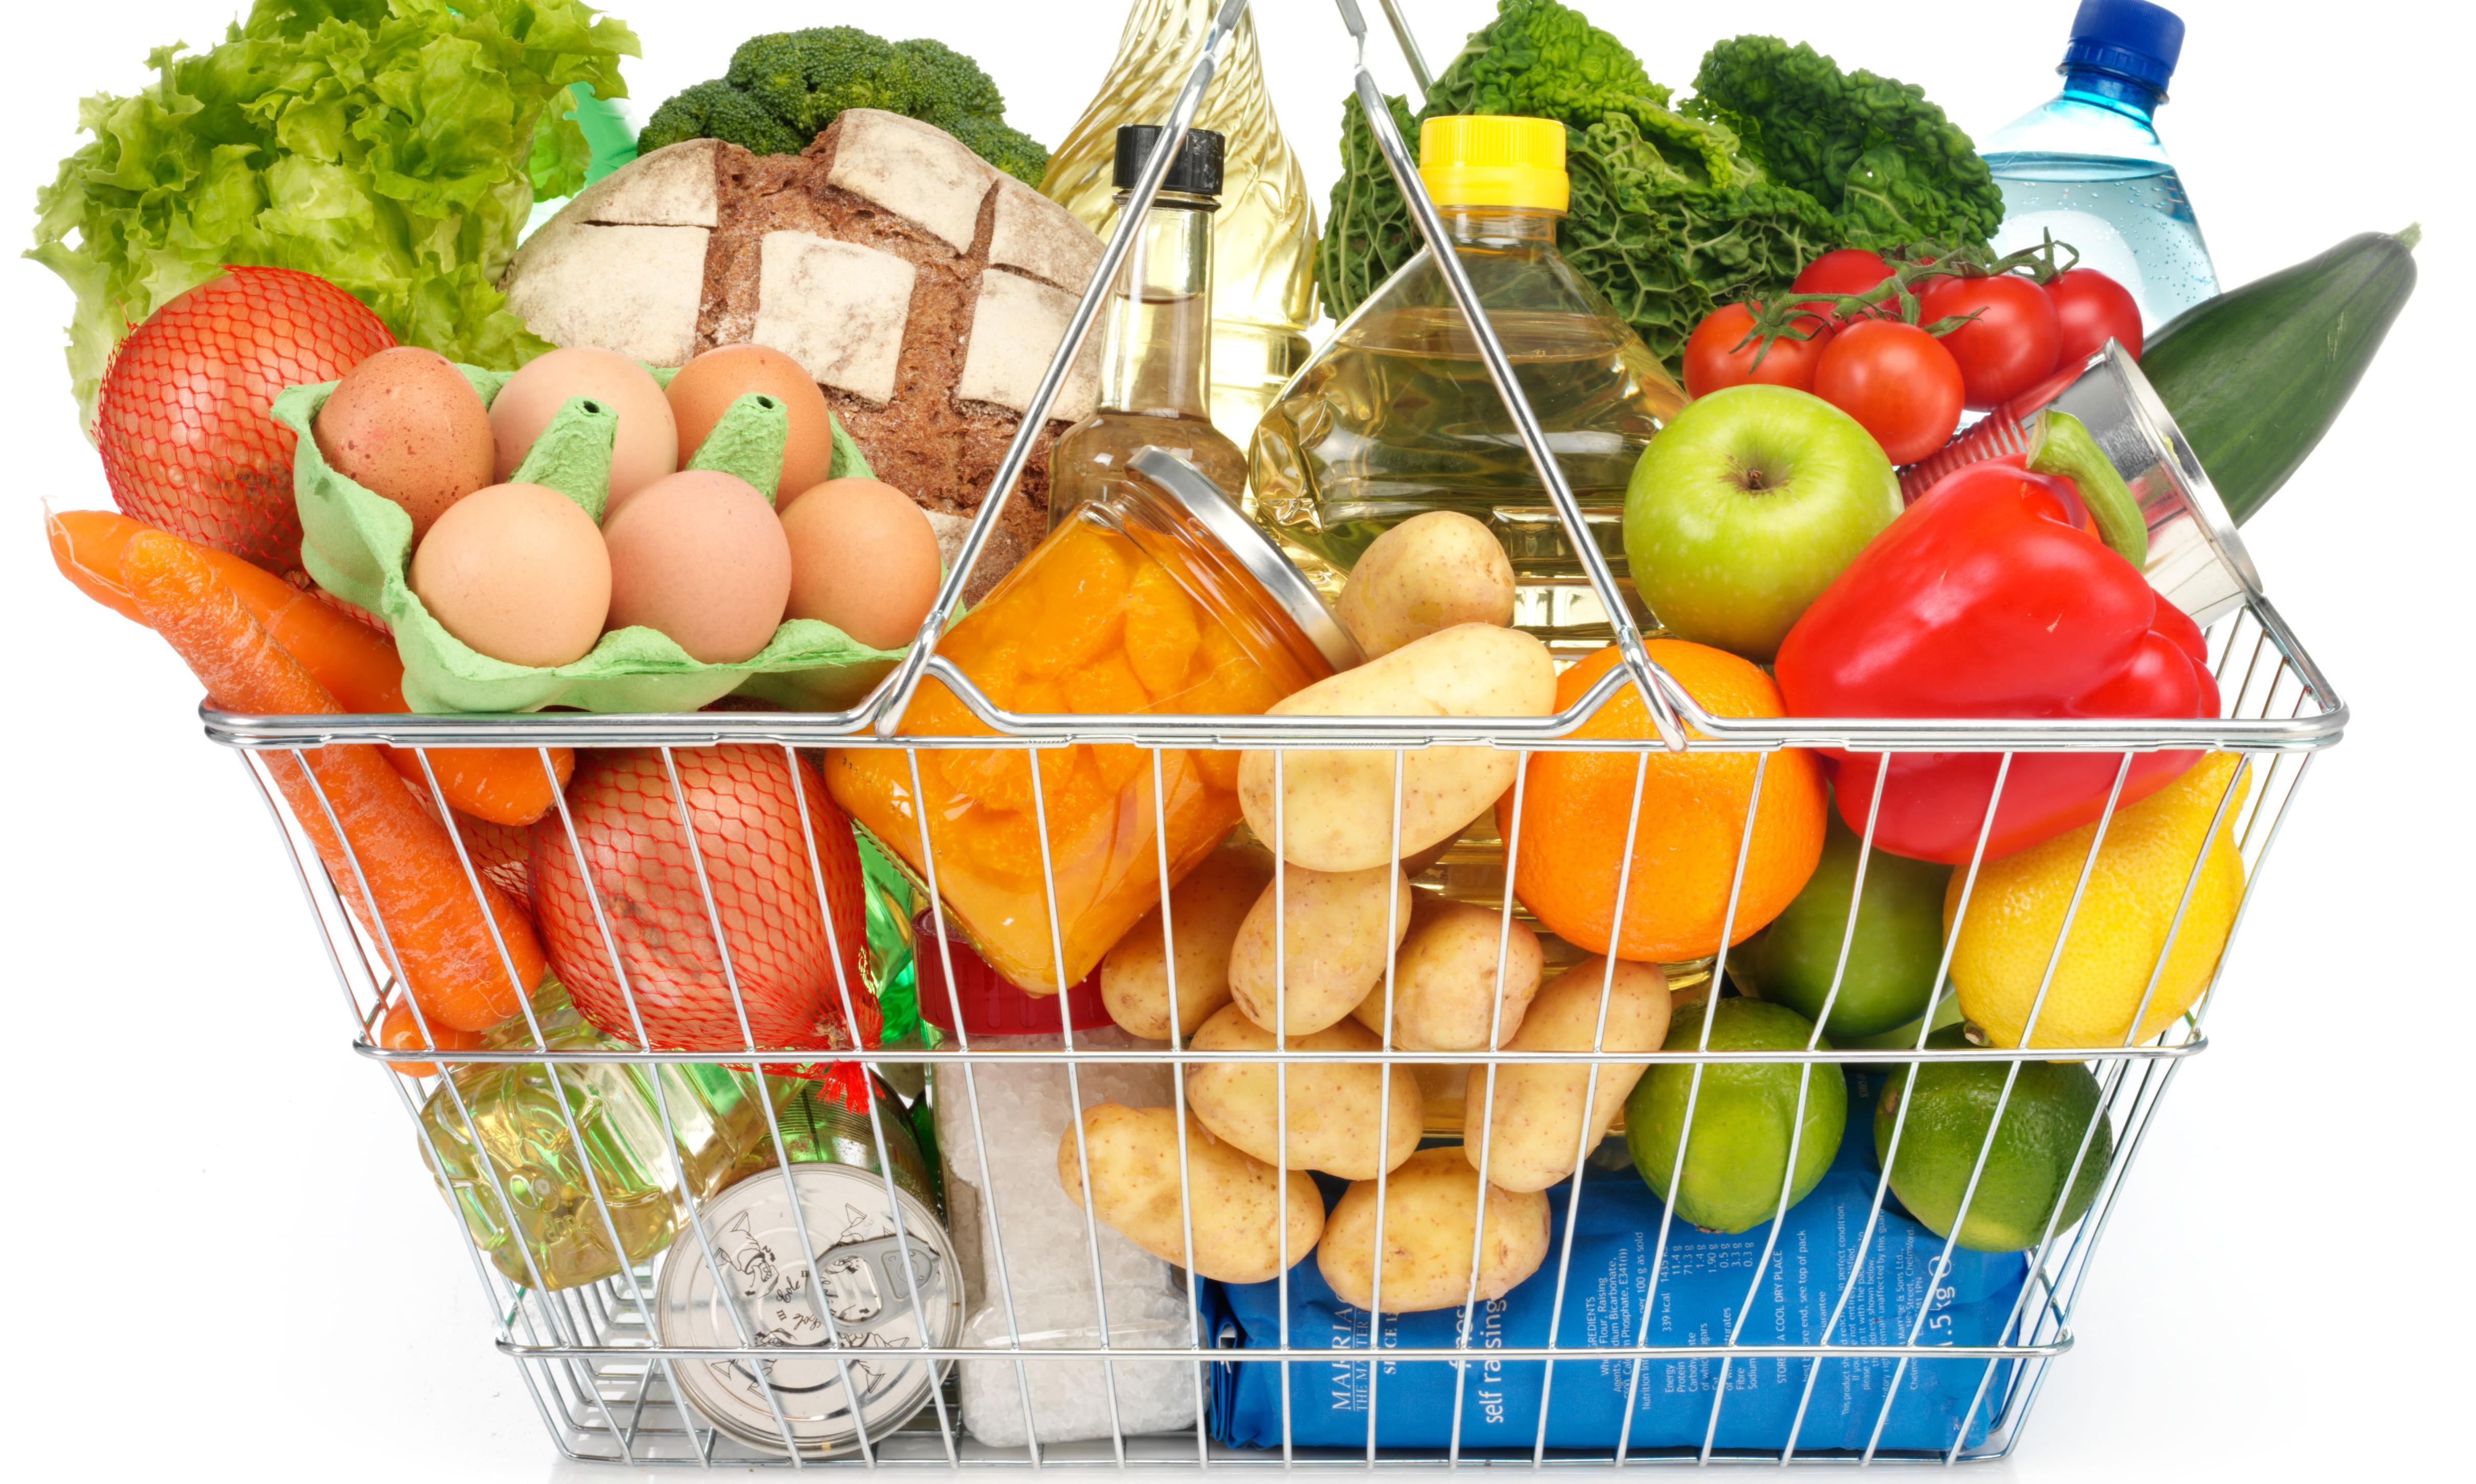 Цены на социально значимые товары в Новгородской области остаются самыми низкими в СЗФО